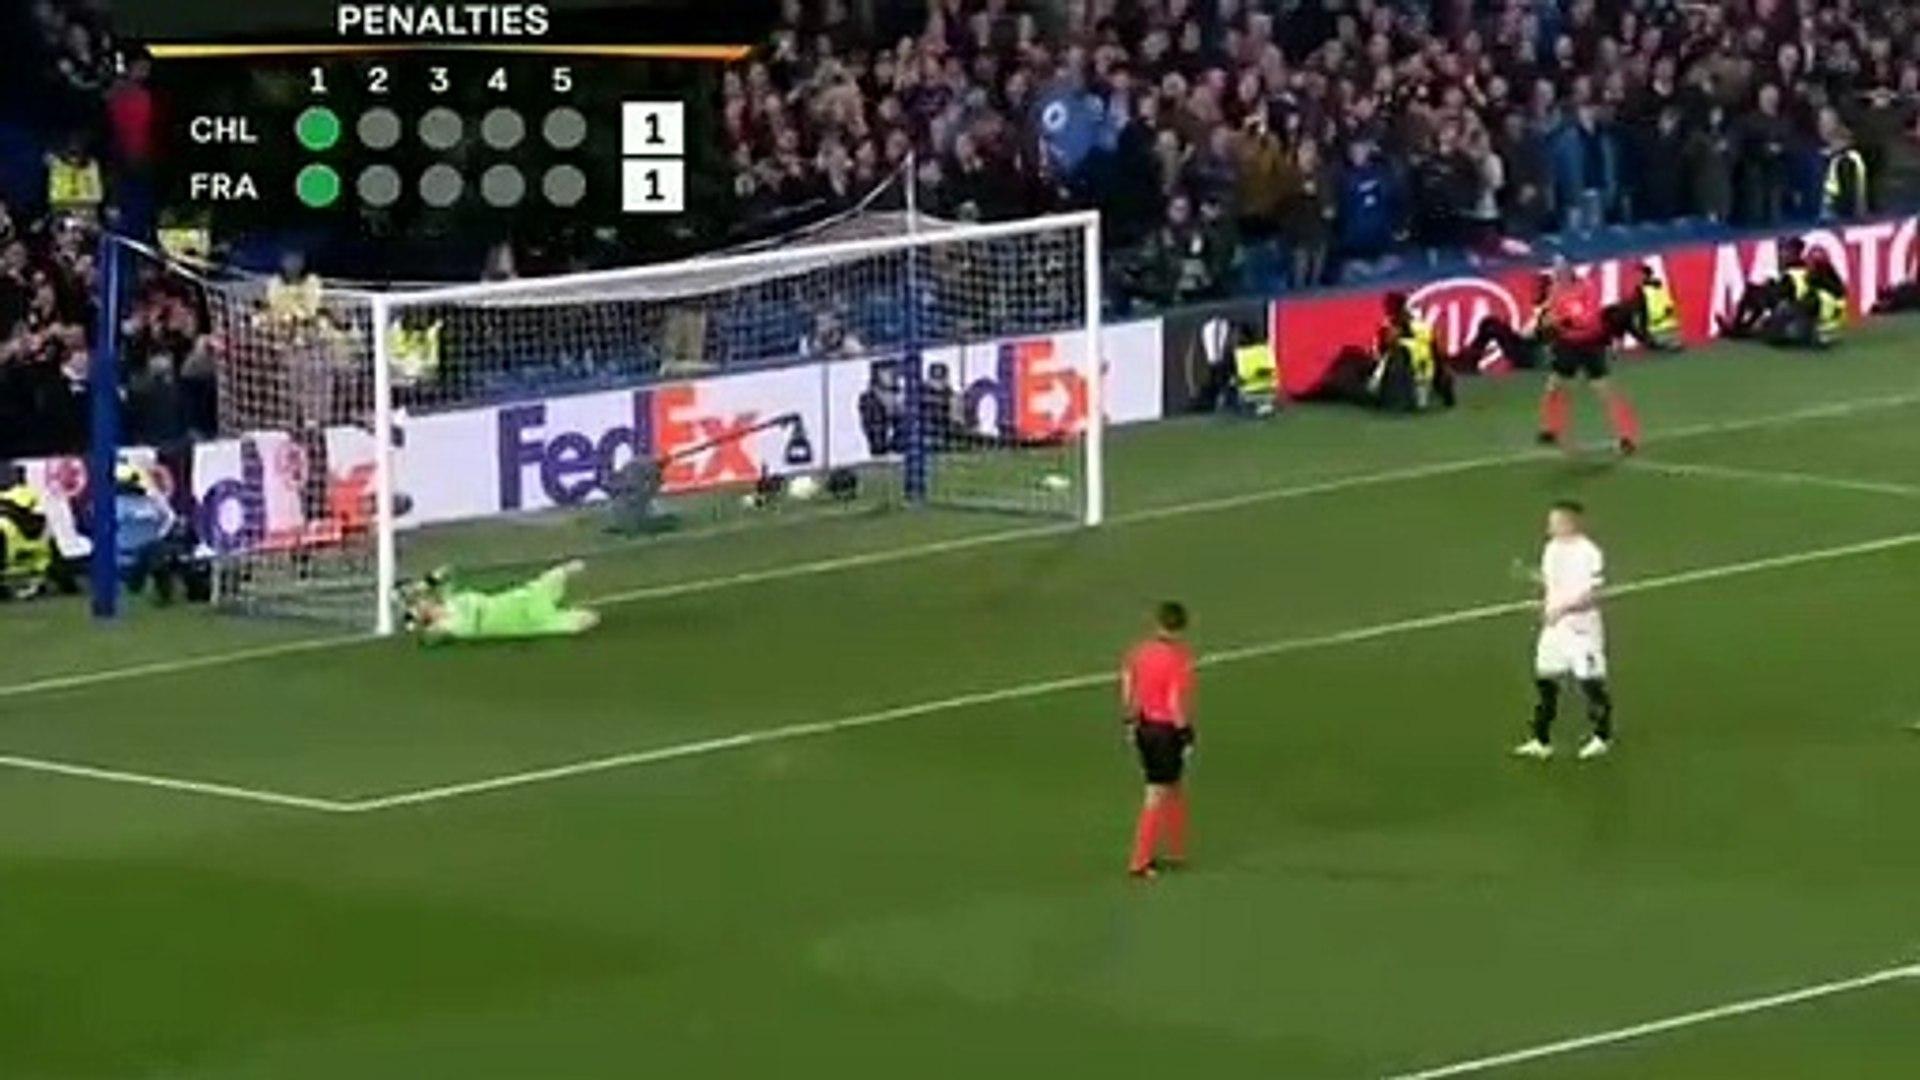 Chelsea vs frankfurt penalty shootout